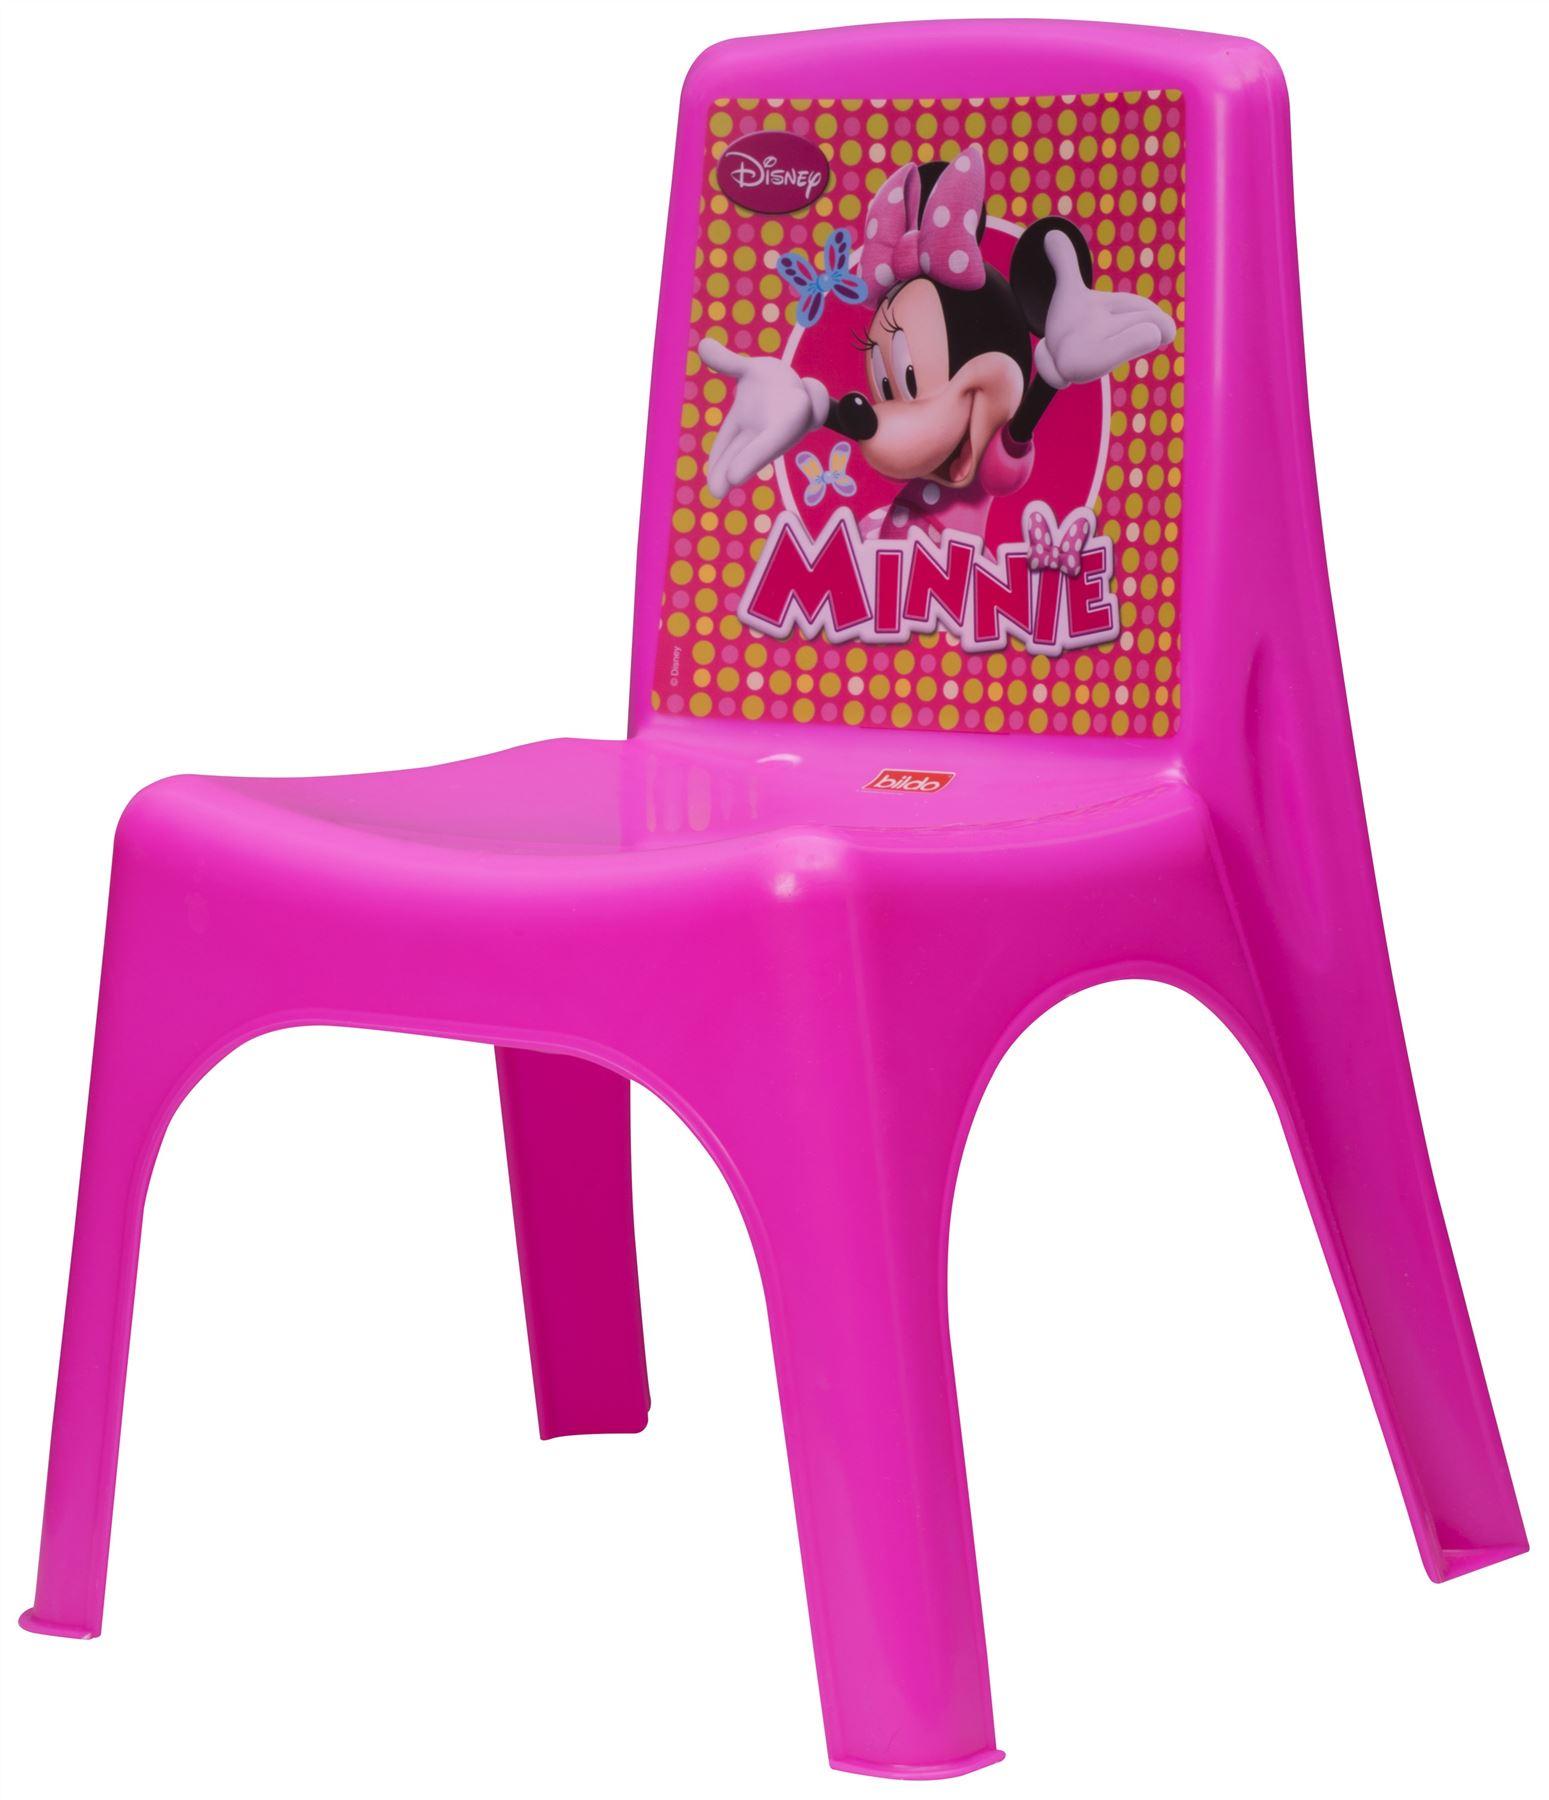 Disney Minnie Mouse Chair  Frozen Kitchen Tea Set Beauty